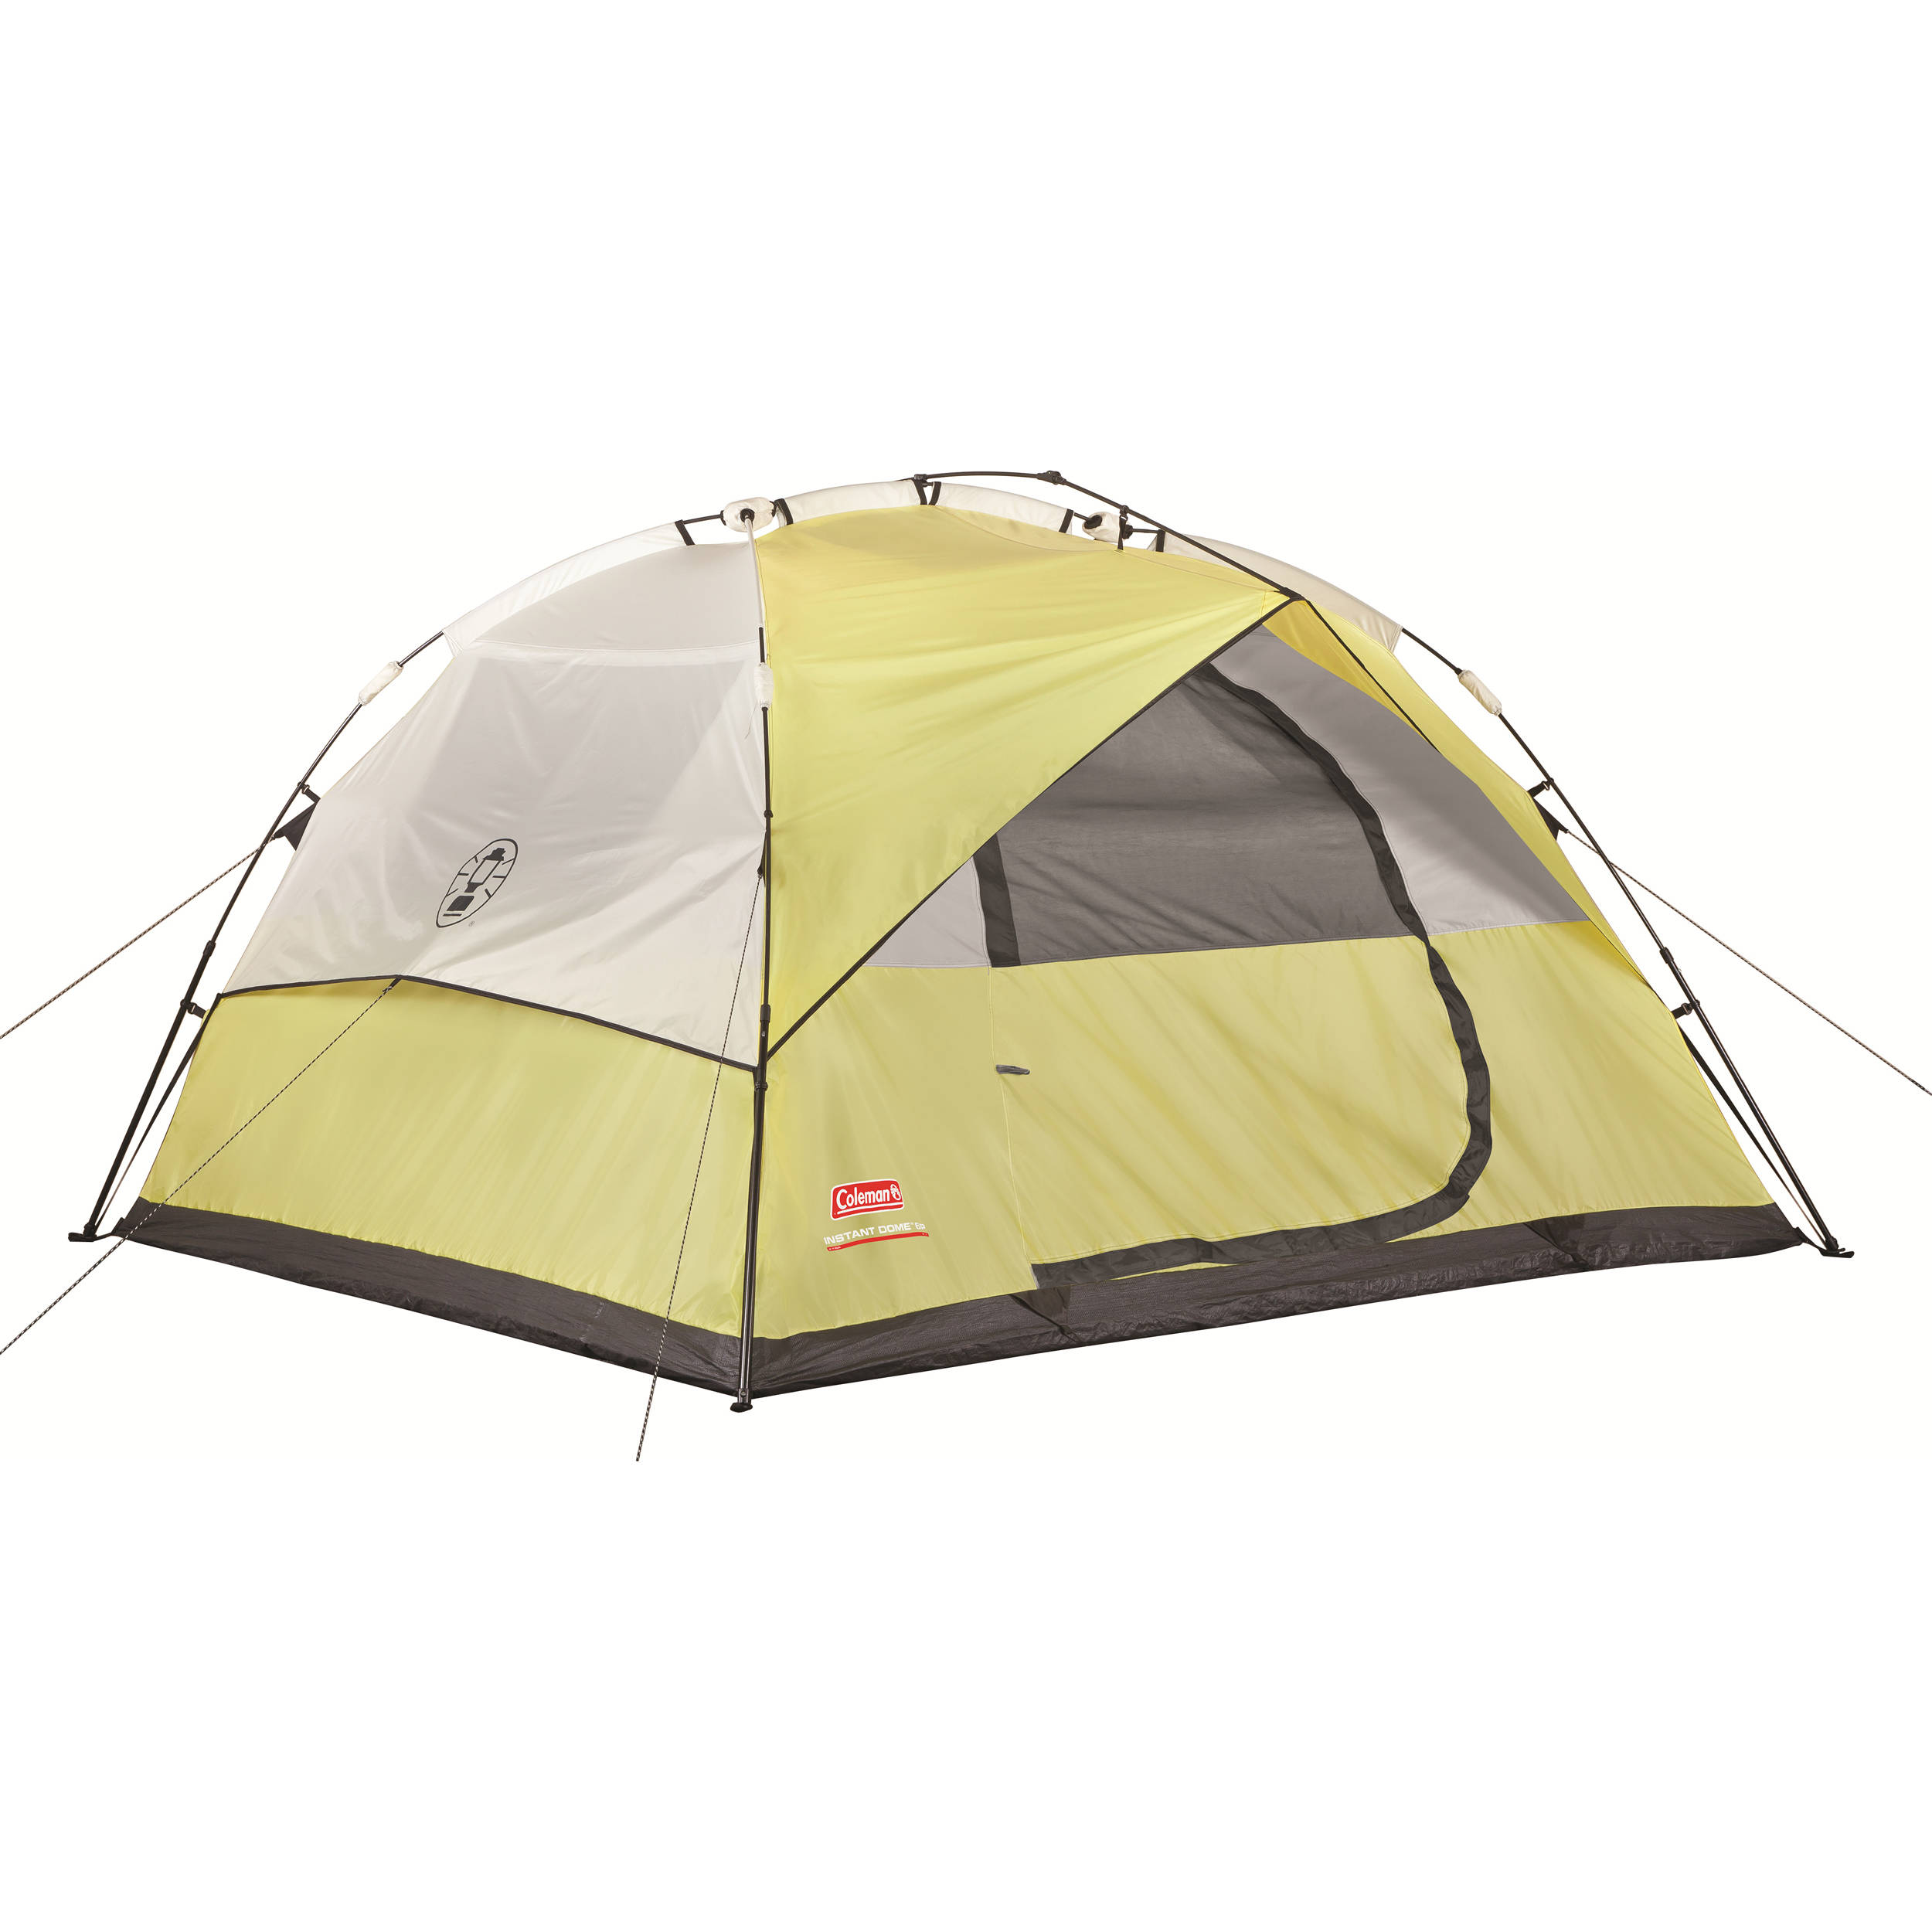 Coleman 6-Person Instant Dome Tent  sc 1 st  Bu0026H & Coleman 6-Person Instant Dome Tent 2000015675 Bu0026H Photo Video